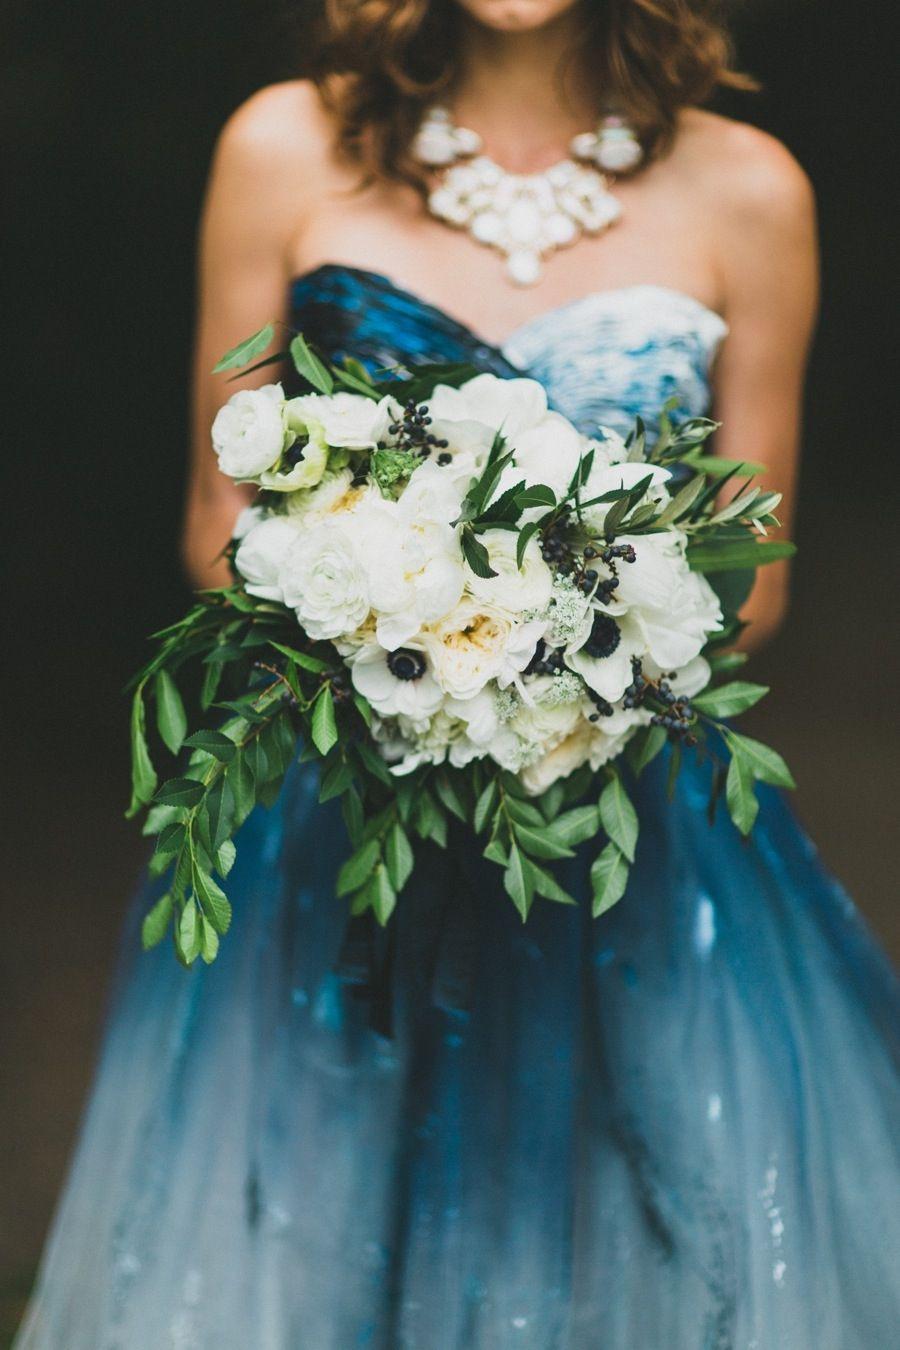 Blaues Kleid, Weißer Strauß, Perfekt | Studio Casterillo